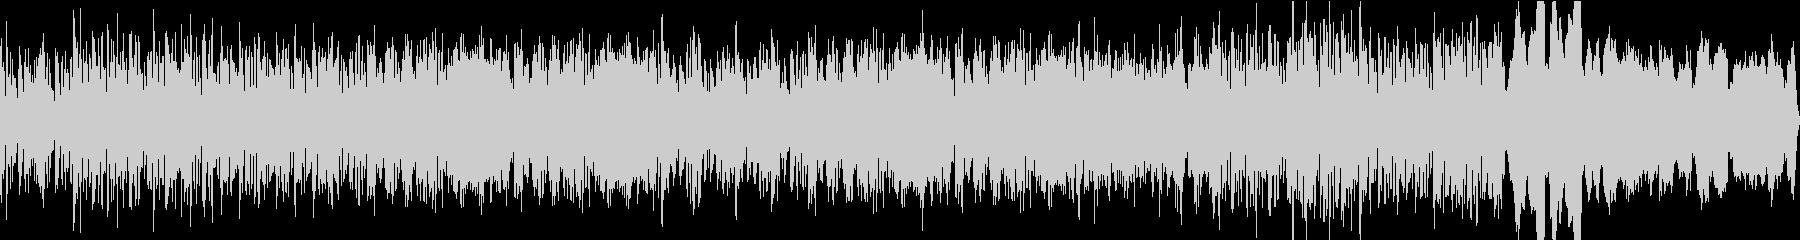 小オーケストラ リズミカル ループ版の未再生の波形